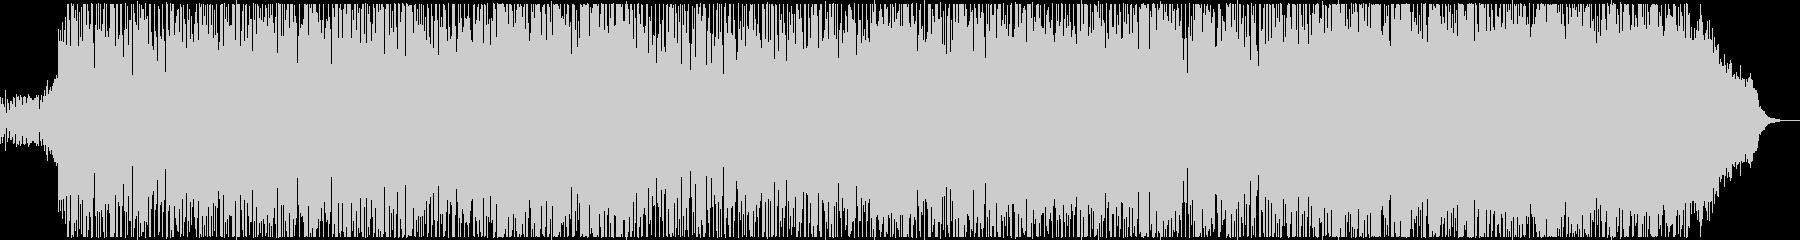 フュージョン風のノリの良いテクノポップの未再生の波形